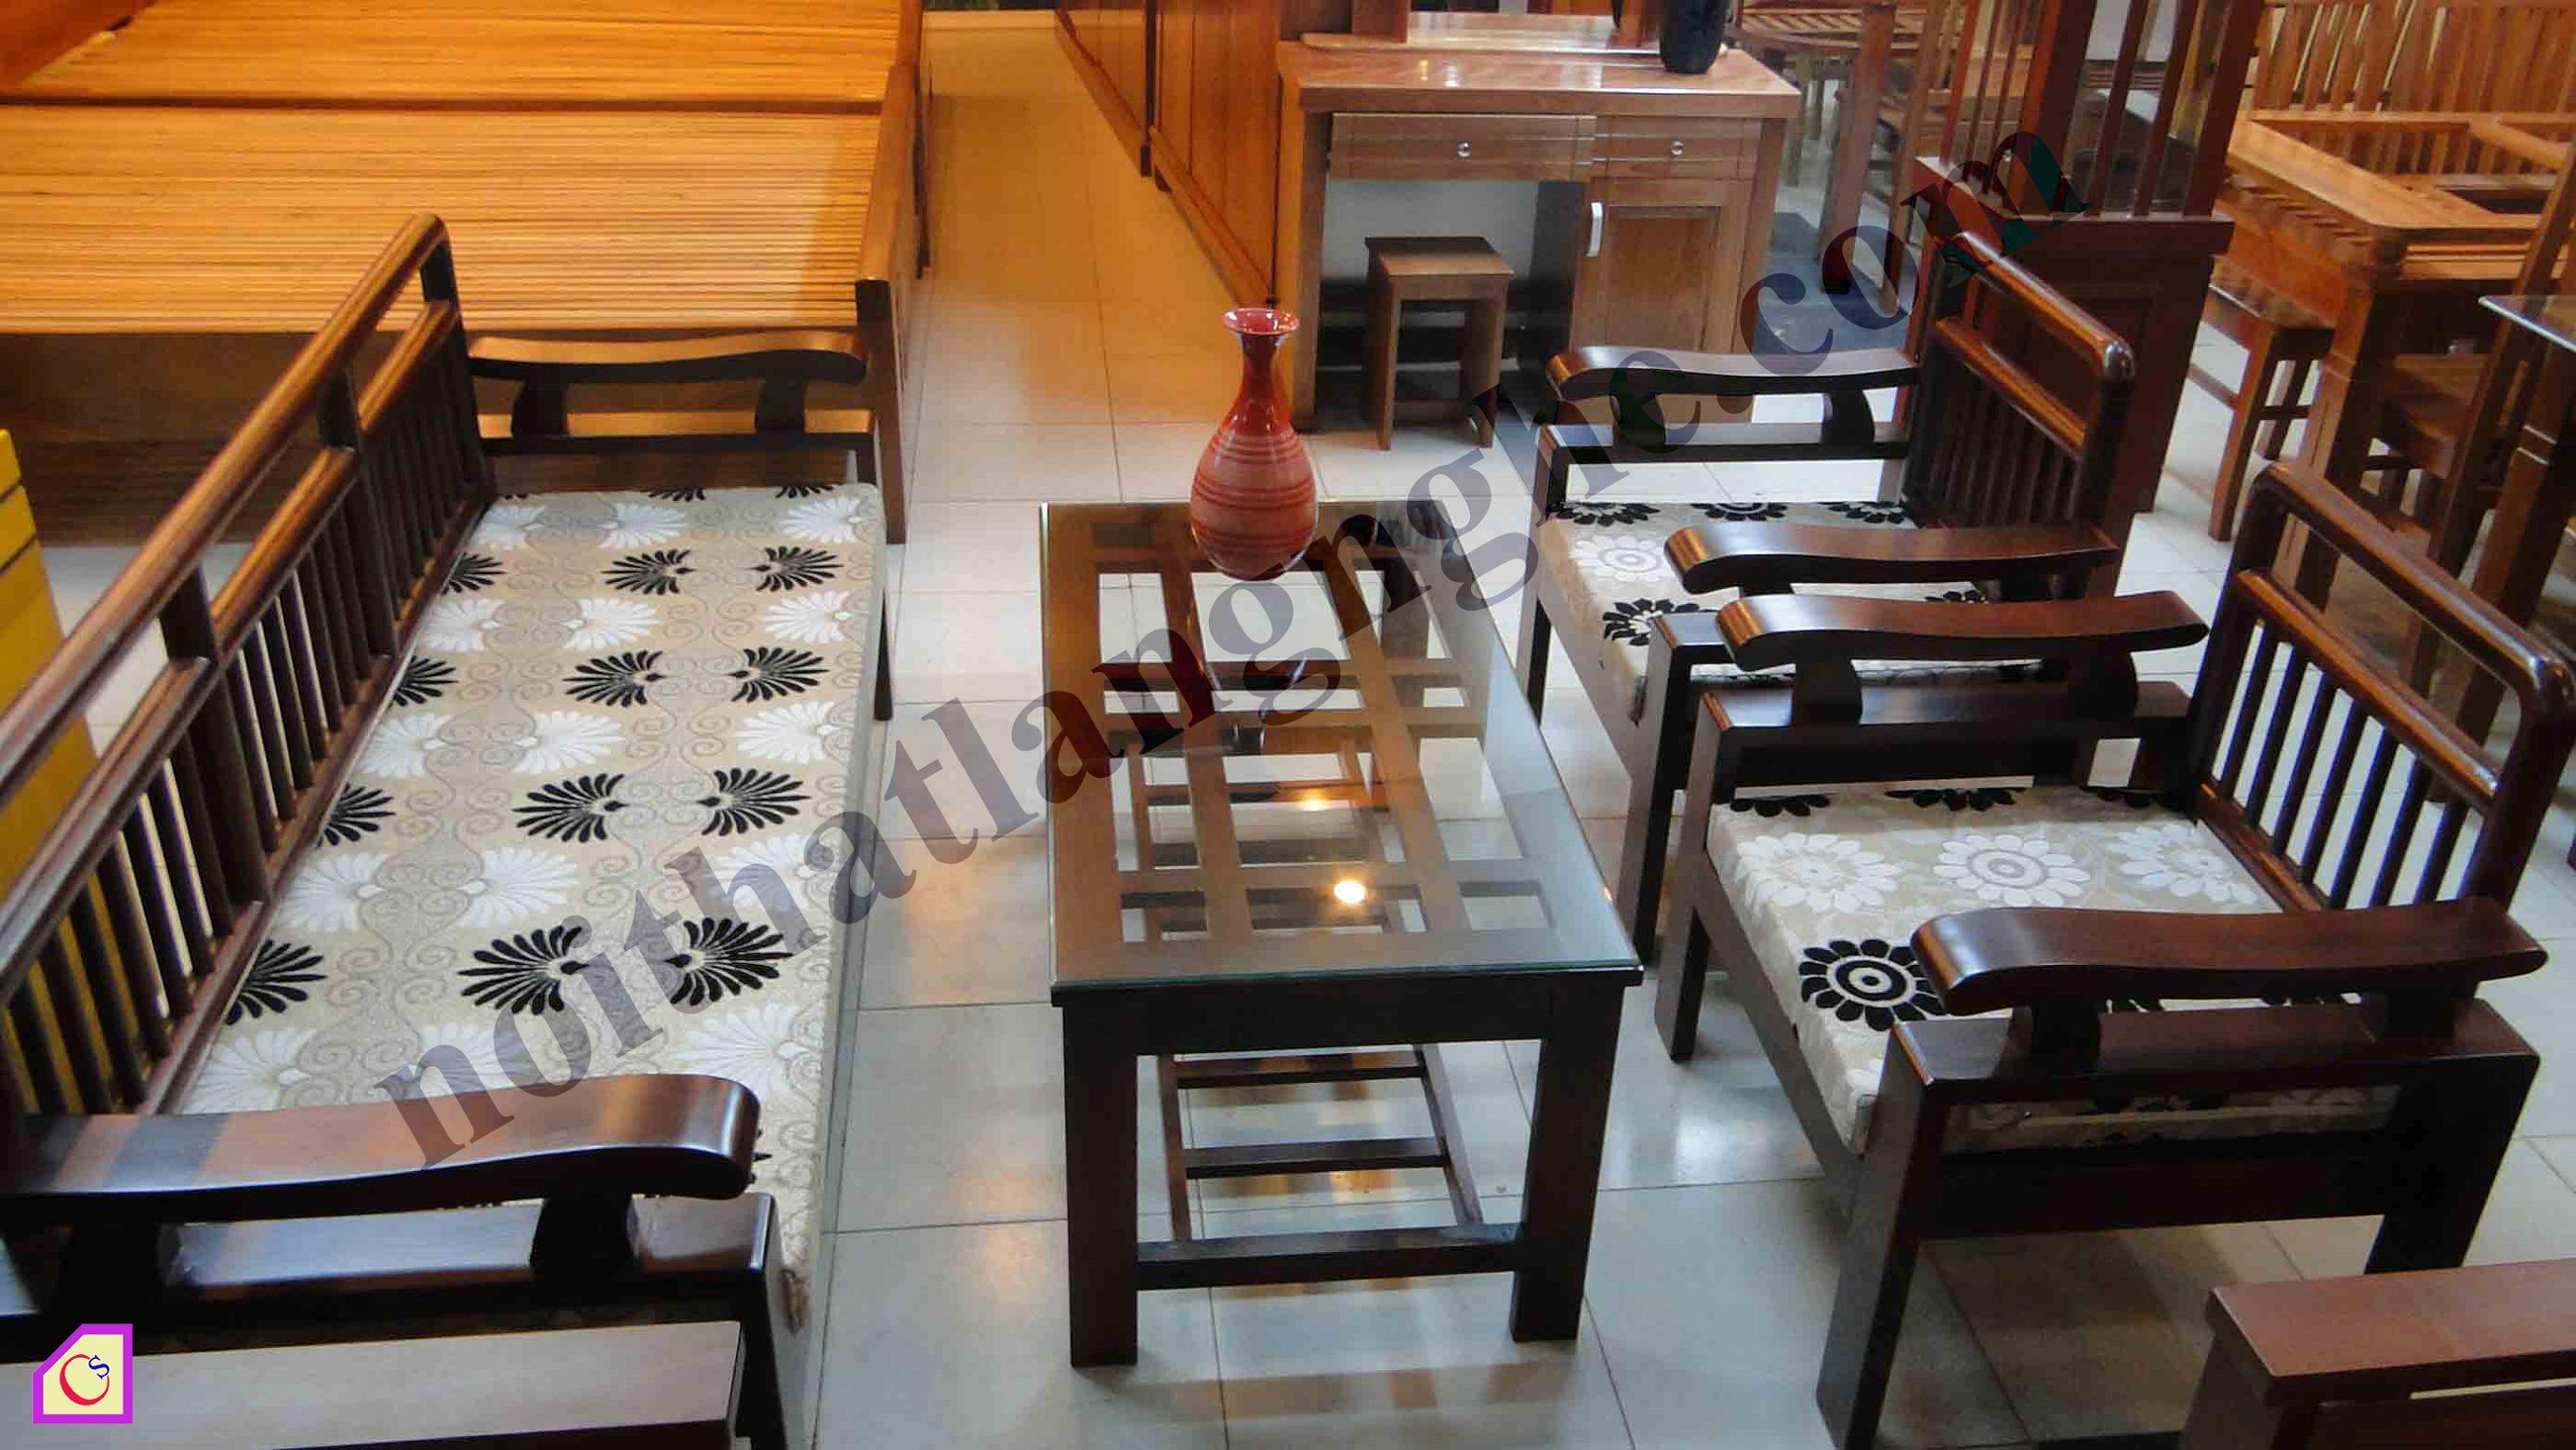 Bộ bàn ghế phòng khách hiện đại bằng gỗ Gụ